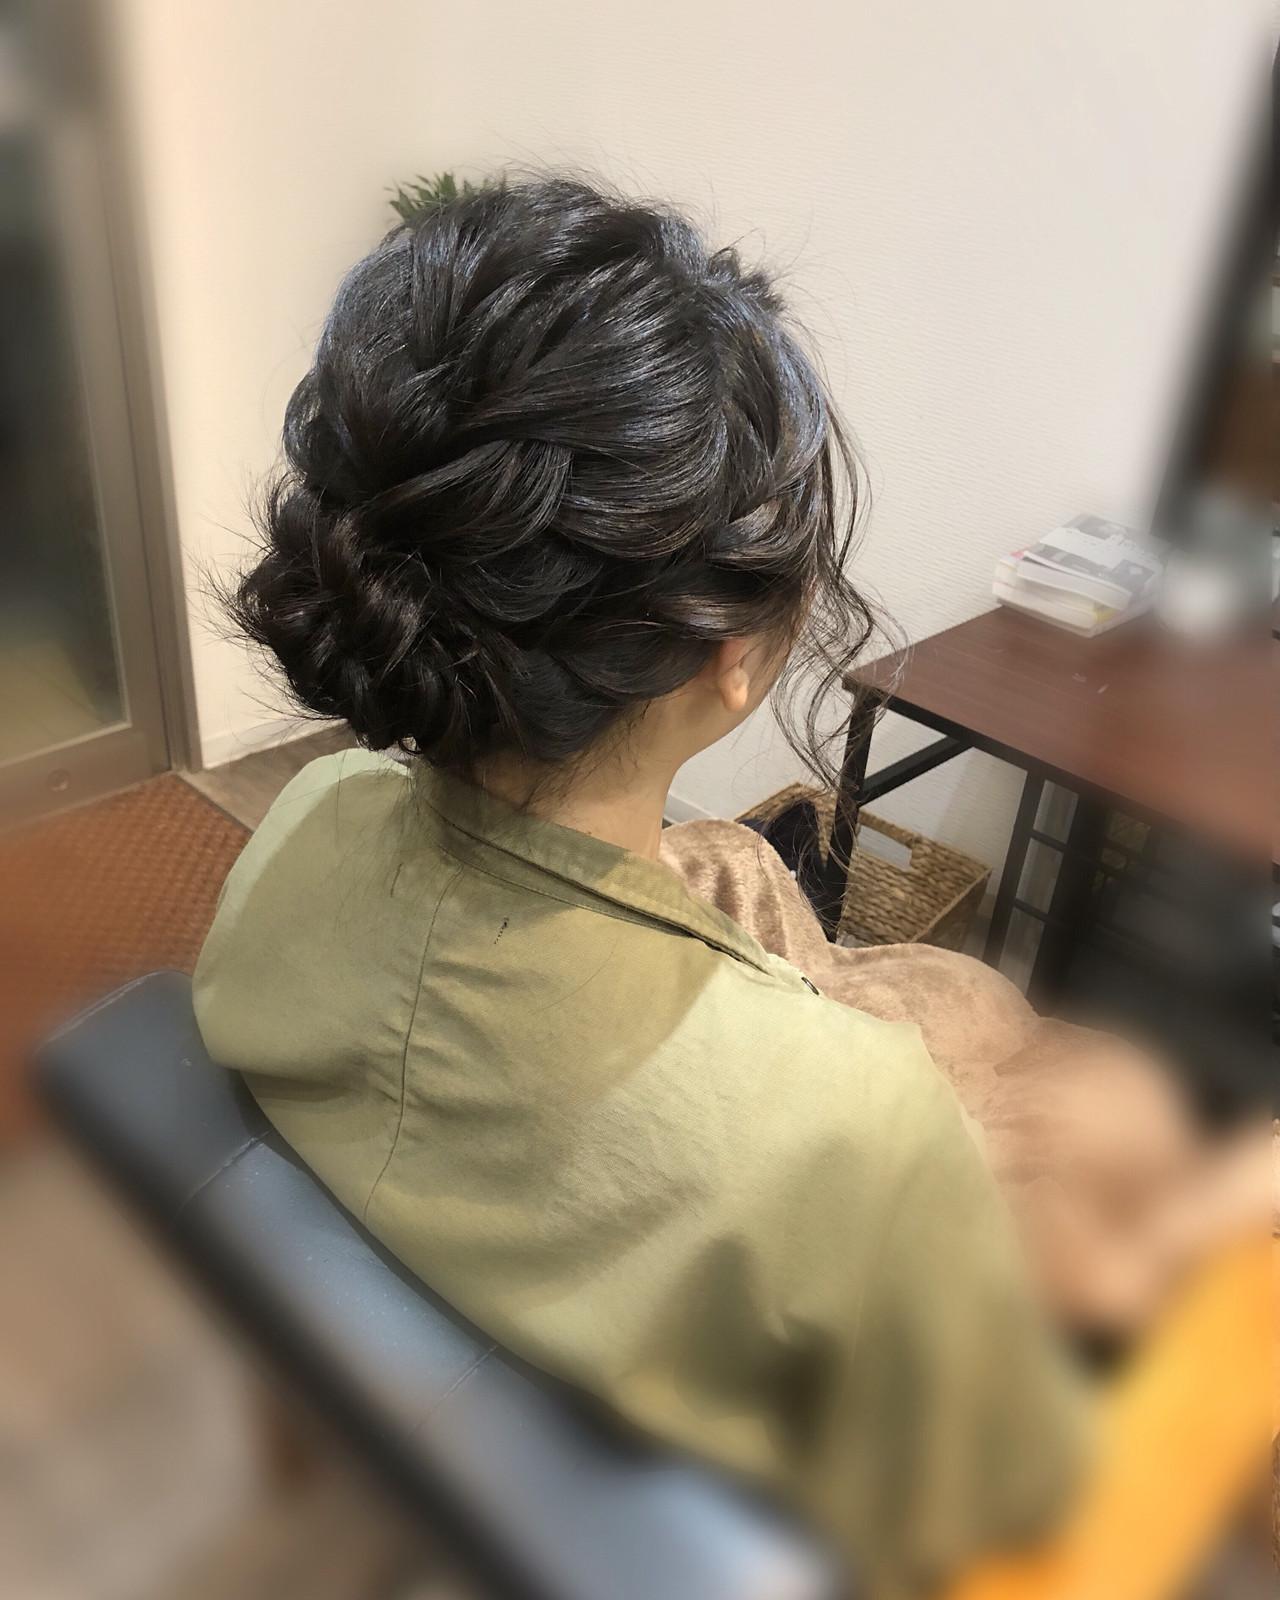 ねじり アップ ミディアム フェミニン ヘアスタイルや髪型の写真・画像 | mai / HAIR SALON STELLA